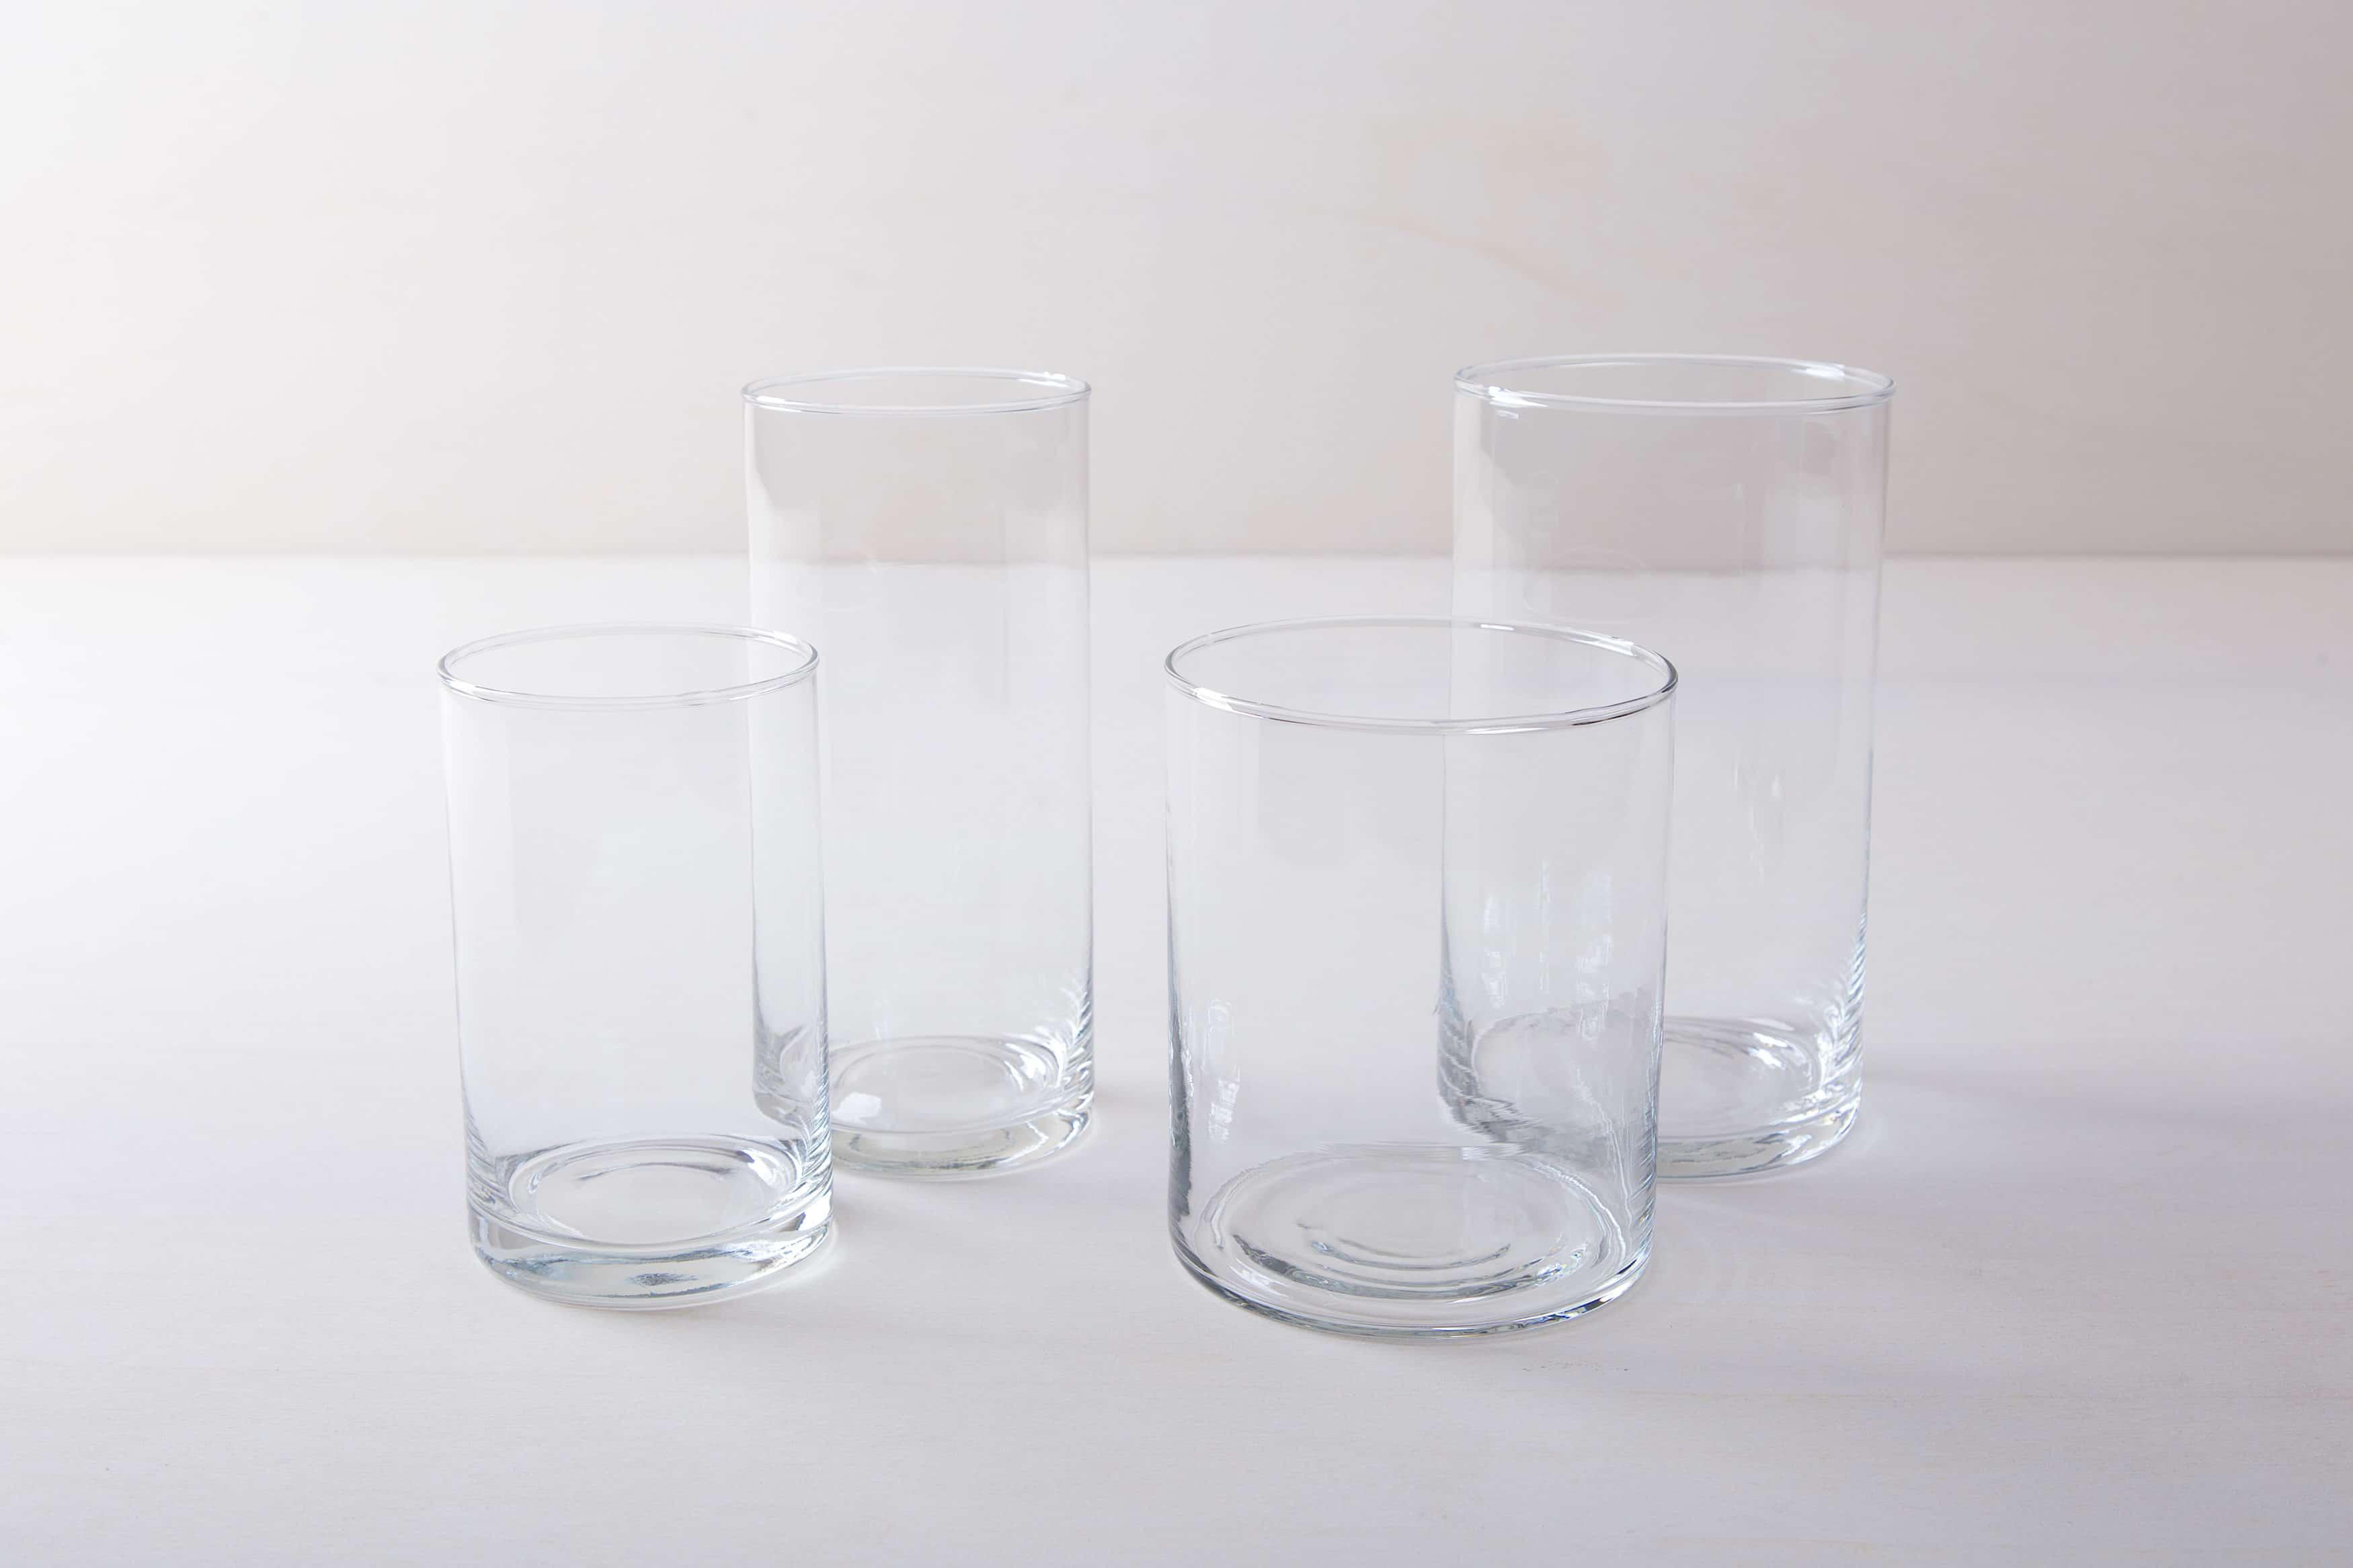 Ganz schlicht und elegant ist Glasvase Bacoya. Dieser unaufdringliche Glaszylinder setzt Blumensträuße innen wie außen gut in Szene und stielt den bunten Blumen dabei nicht die Show. Ob sommerliche Gartenparty oder elegante Winterhochzeit– Blumenvase Bacoya passt zu vielen Veranstaltungen und Farben. Den Glaszylinder, mit dem Durchmesser 9 cm und einer Höhe von 15 cm, kannst Du mit einer Kerze auch als Windlicht mieten. Kombiniert mit den verschiedenen zylindrischen Größen der Bacoya Serie, ergibt sich bei Deinem Event ein stimmige Bild.